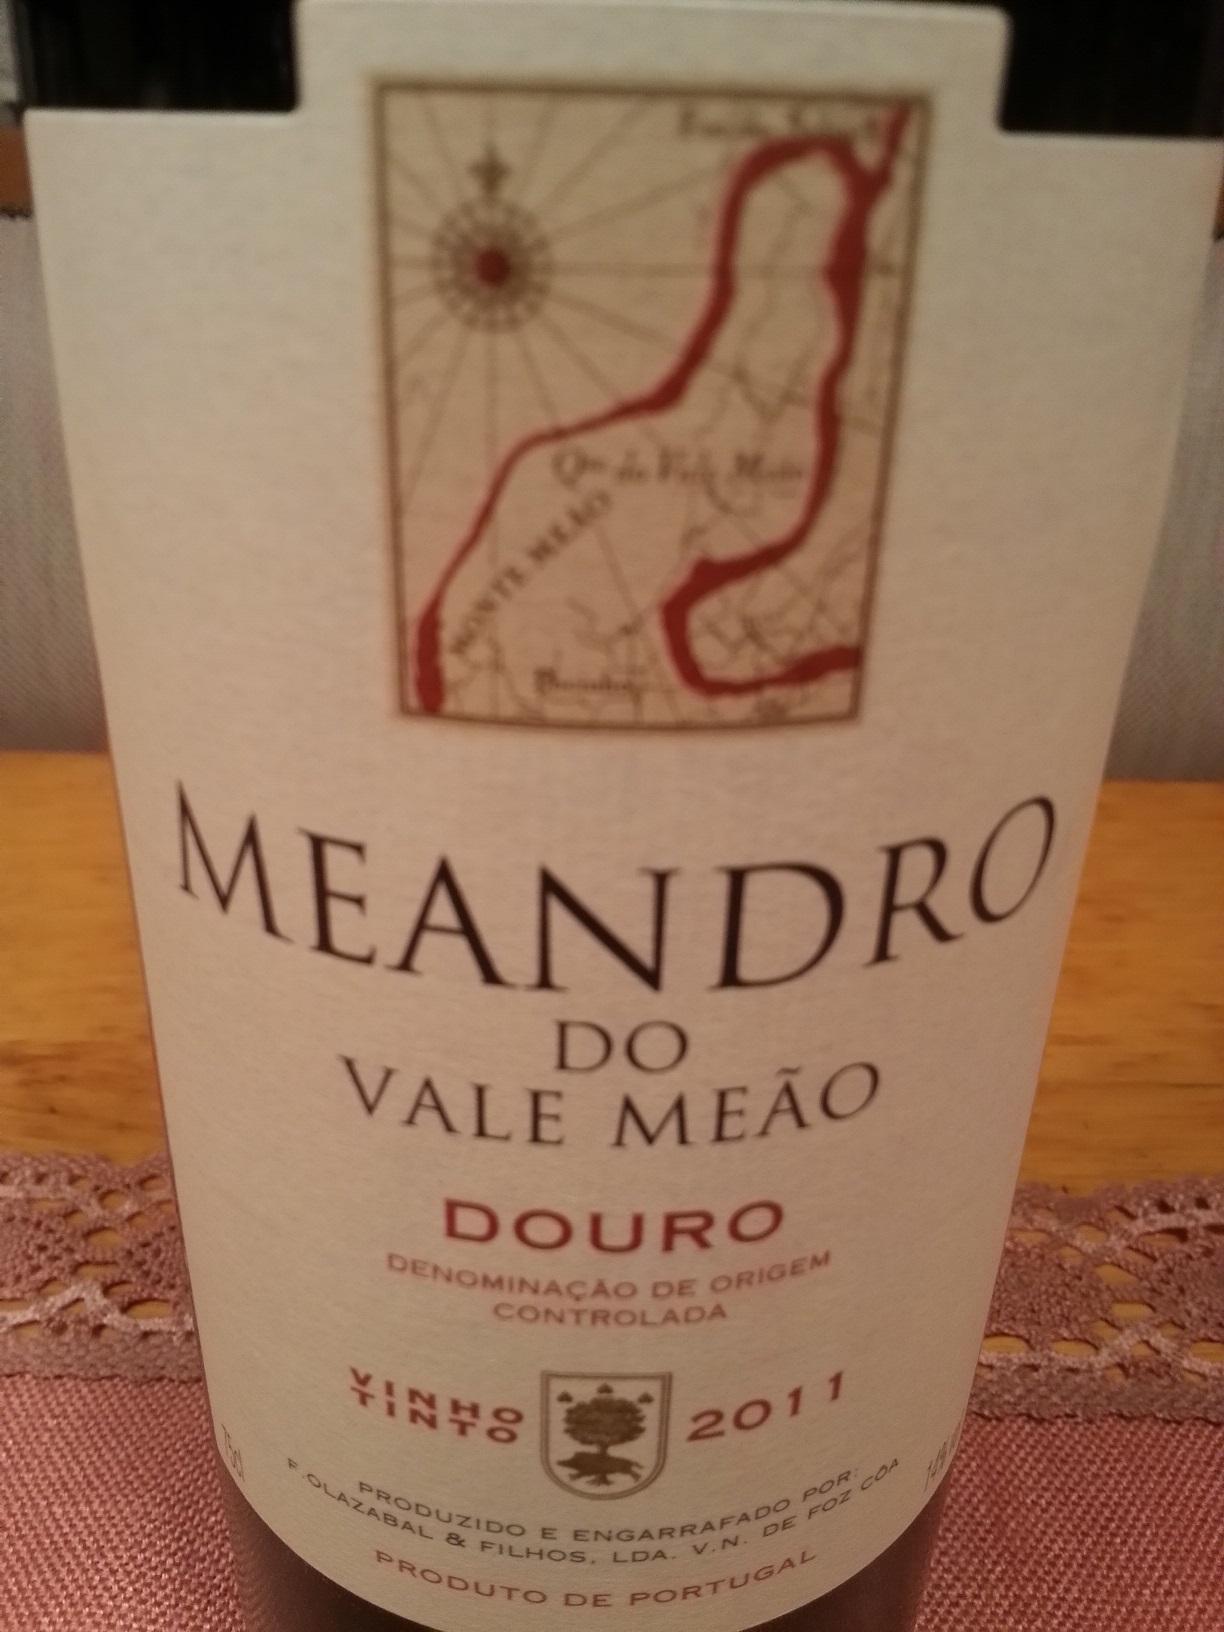 2011 Meandro Douro Red | Quinta do Vale Meão